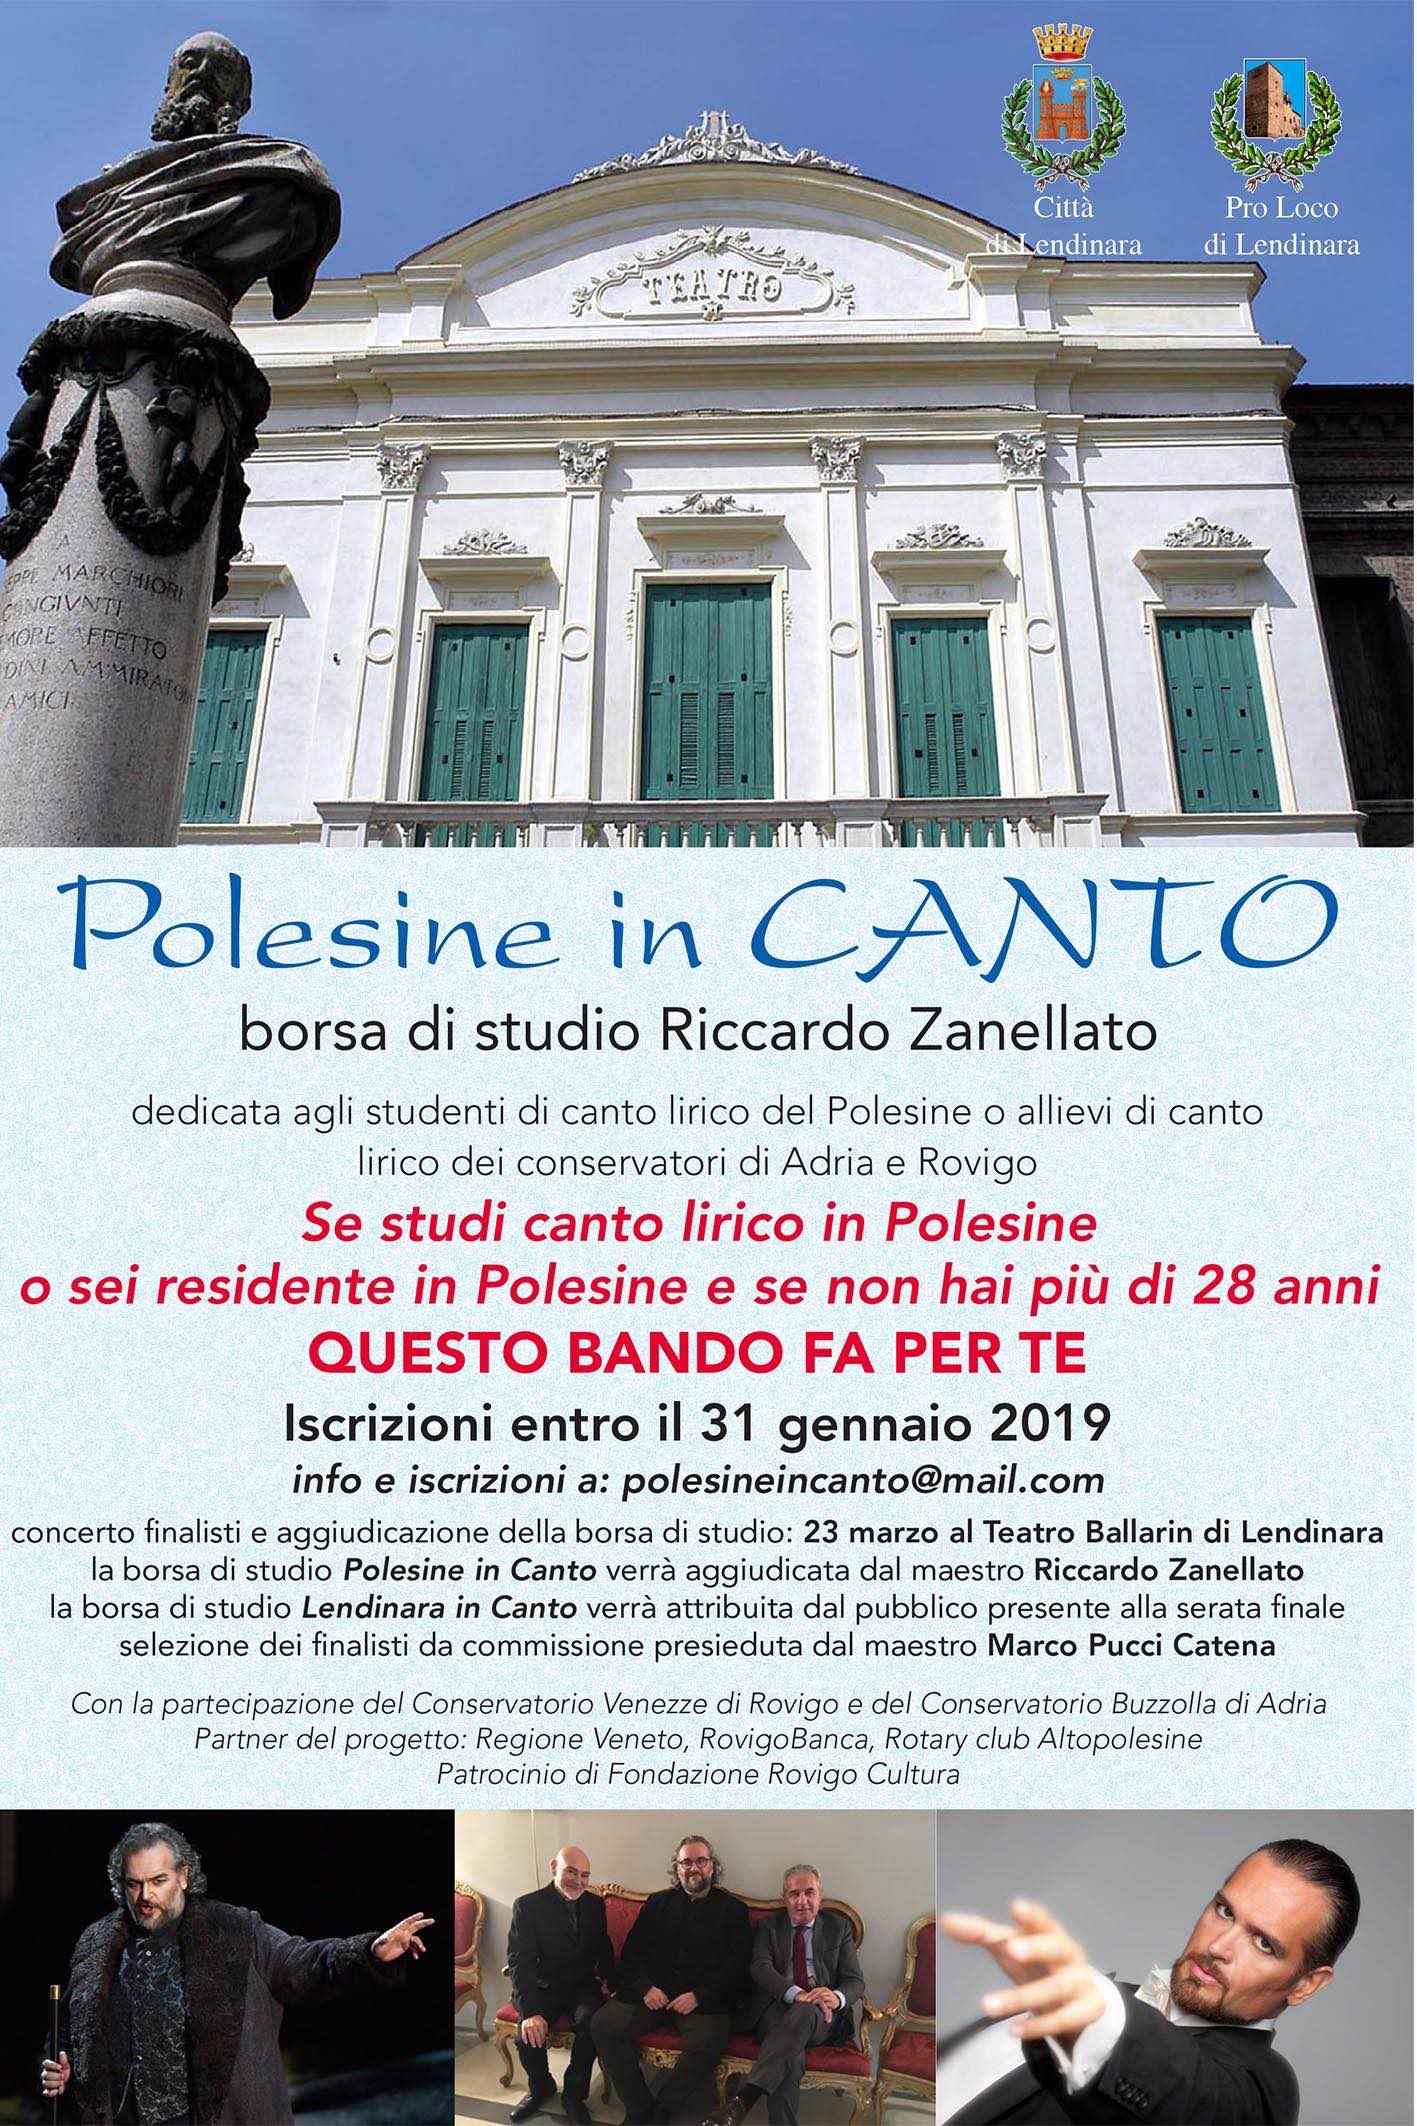 """Borsa di Studio Riccardo Zanellato """"Polesine in canto"""""""